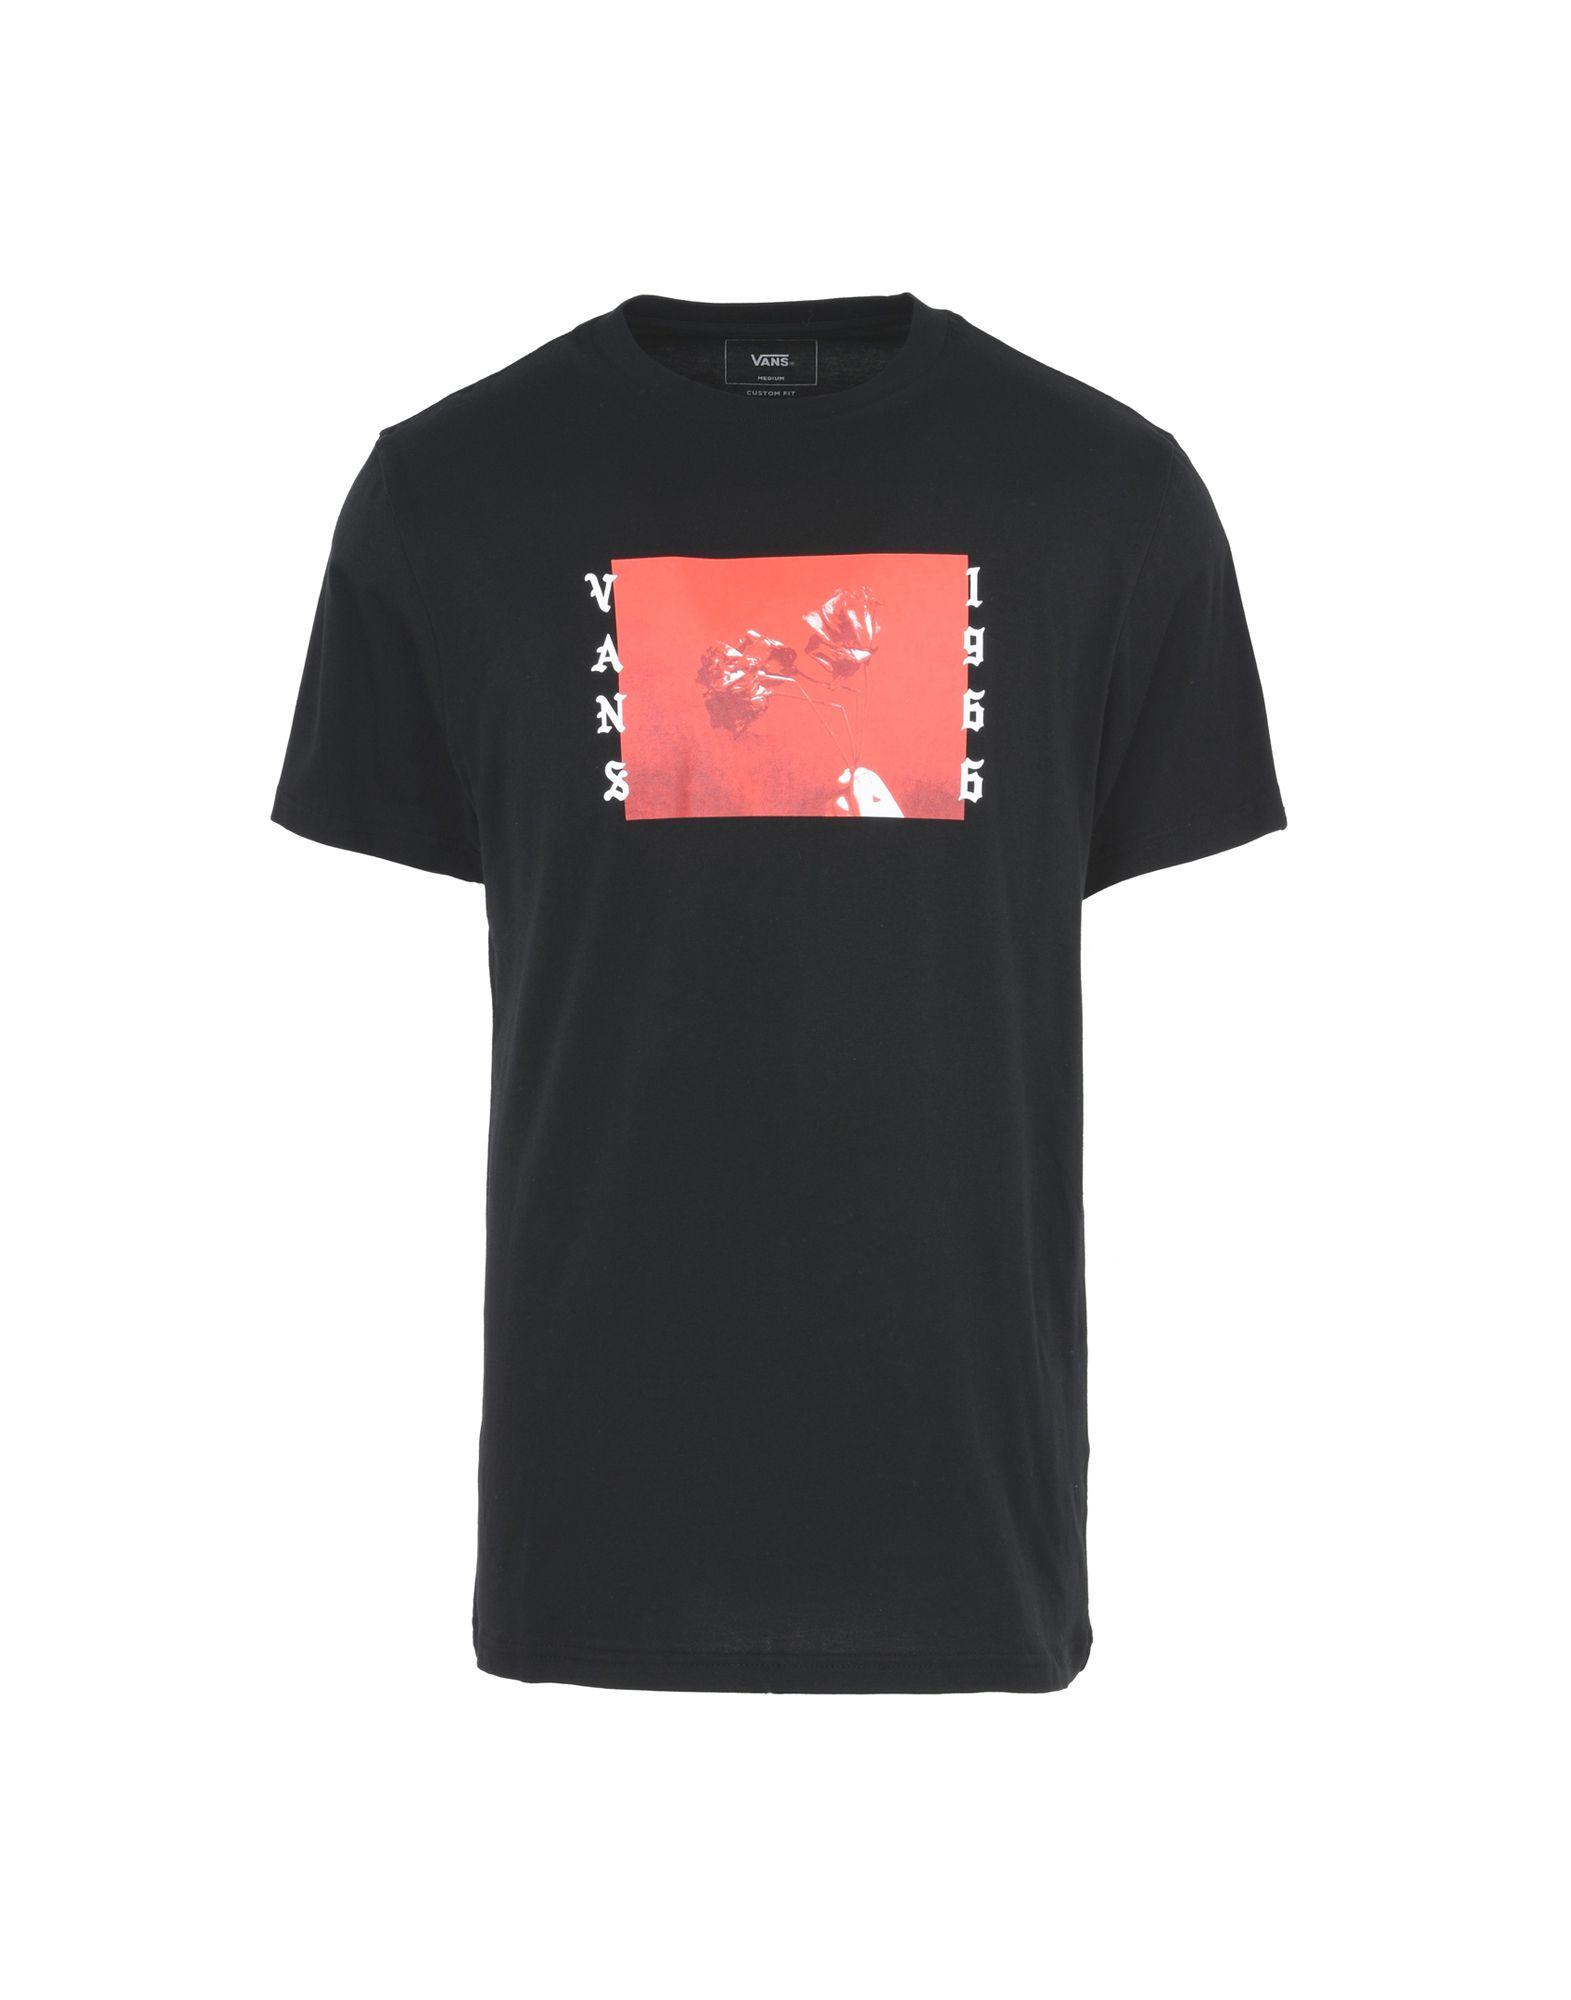 《送料無料》VANS メンズ T シャツ ブラック L コットン 100% BAD VALENTINE